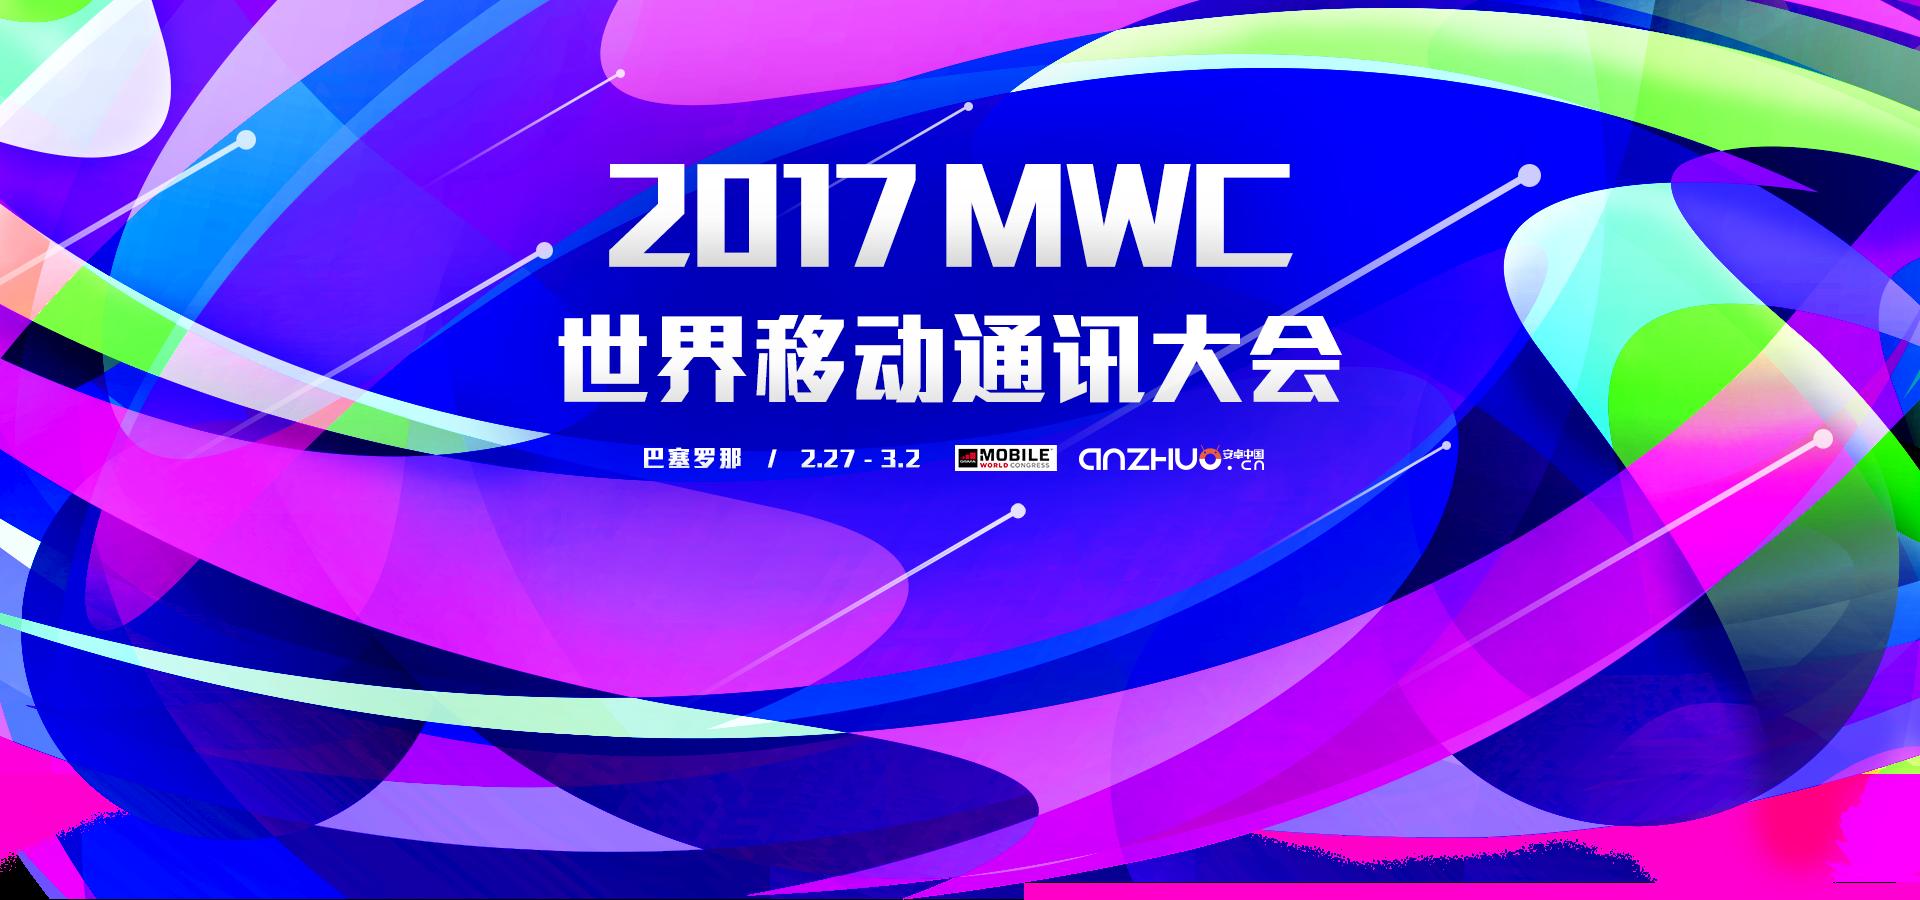 MWC2017 - 巴塞罗那世界移动通讯大会